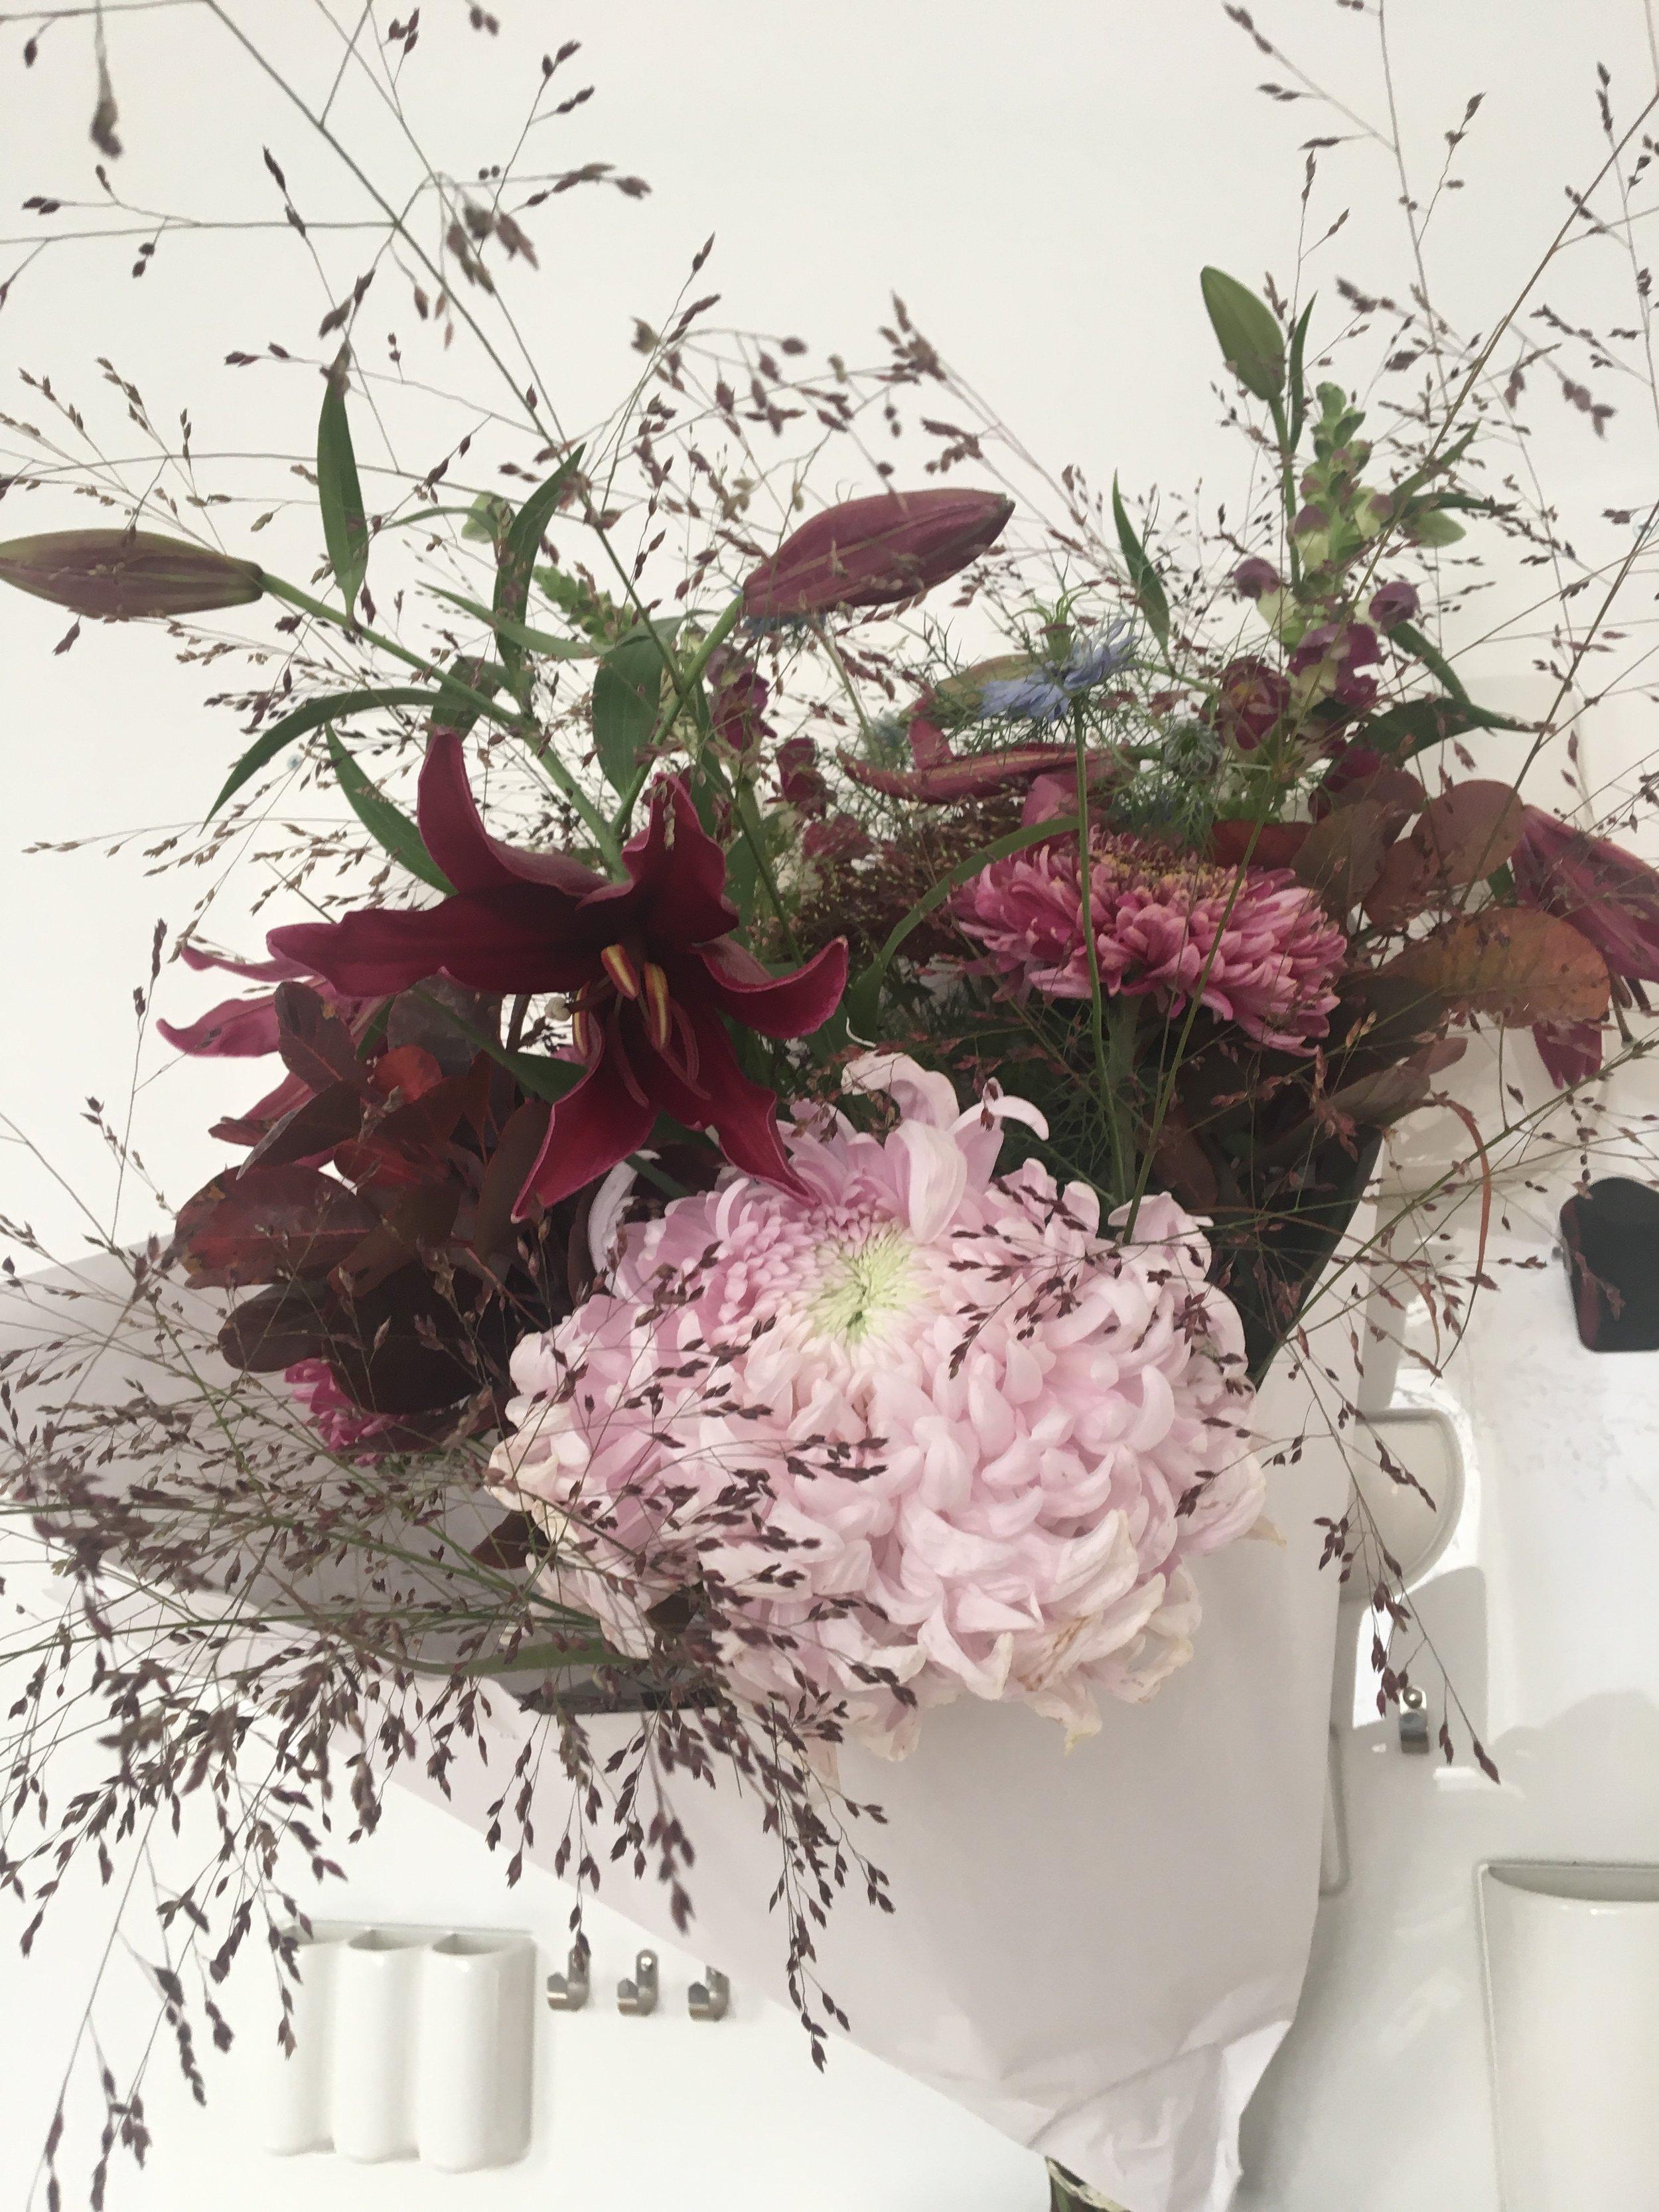 Chrysanthemum japonicum, Nigella damascena, Panicum virgatum Warrior, Lilium asiatique landini, Antirrhinum majus, Bouquet & photo by Horty Poetry - Autumn 2018